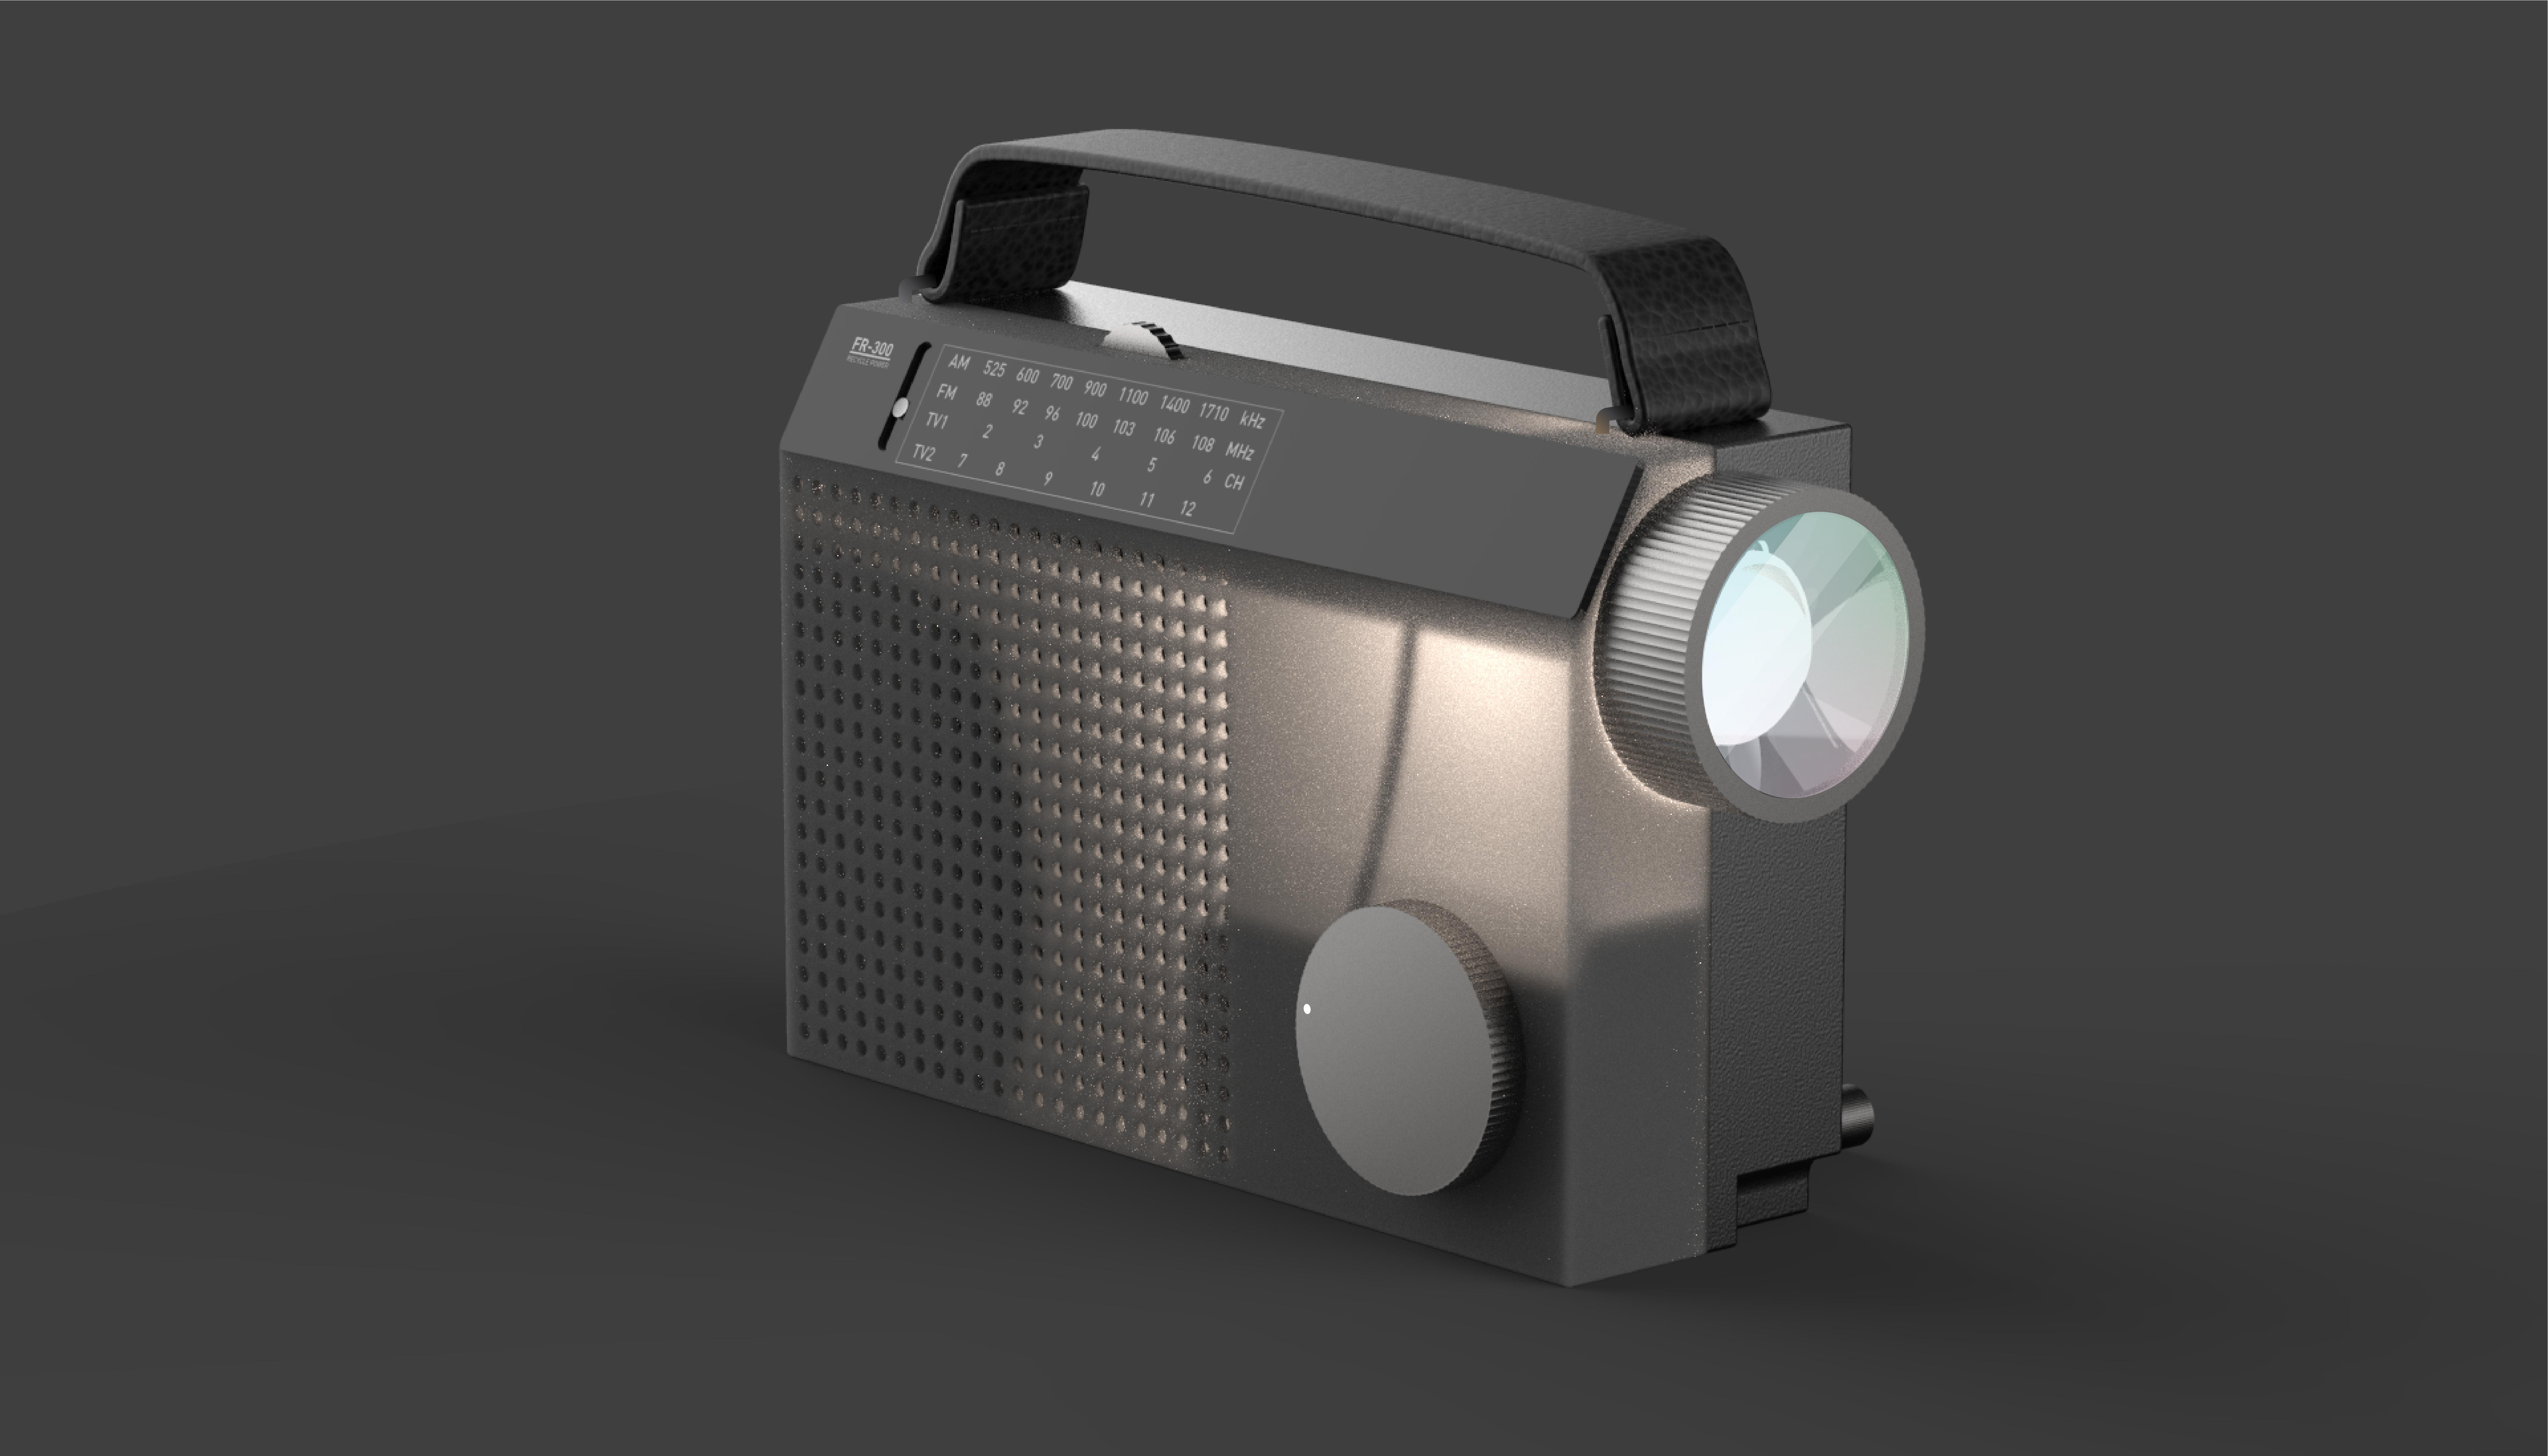 Sara_Ferris_Design_Radio_Product